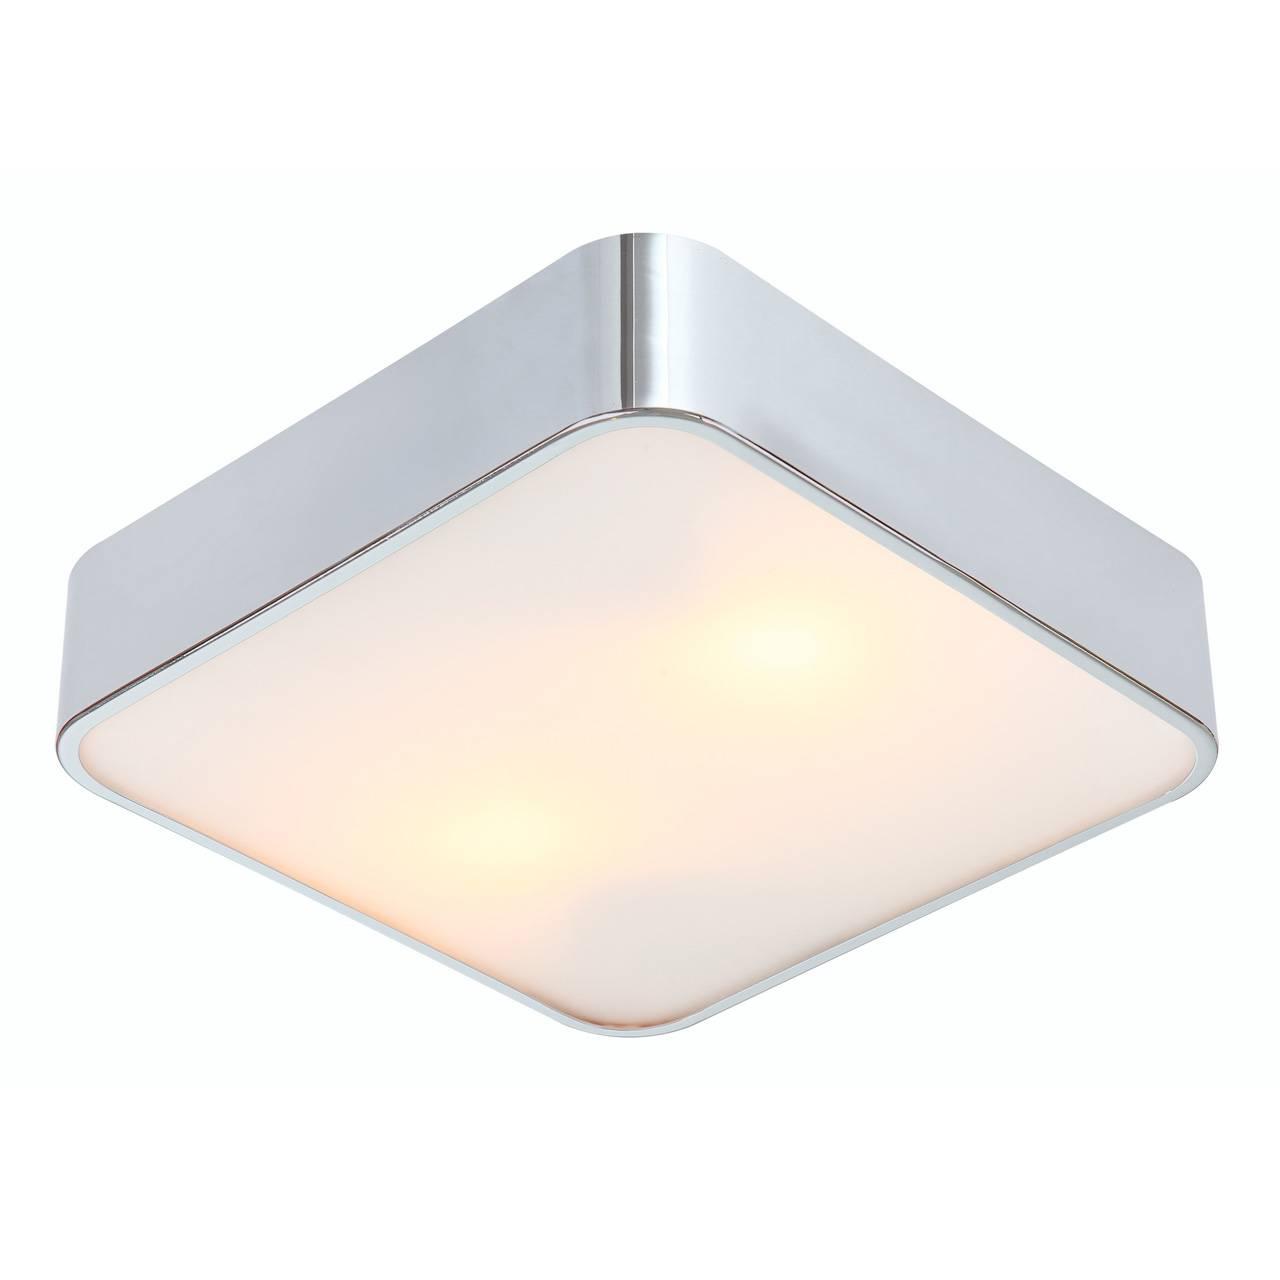 Потолочный светильник Arte Lamp Cosmopolitan A7210PL-2CC цена